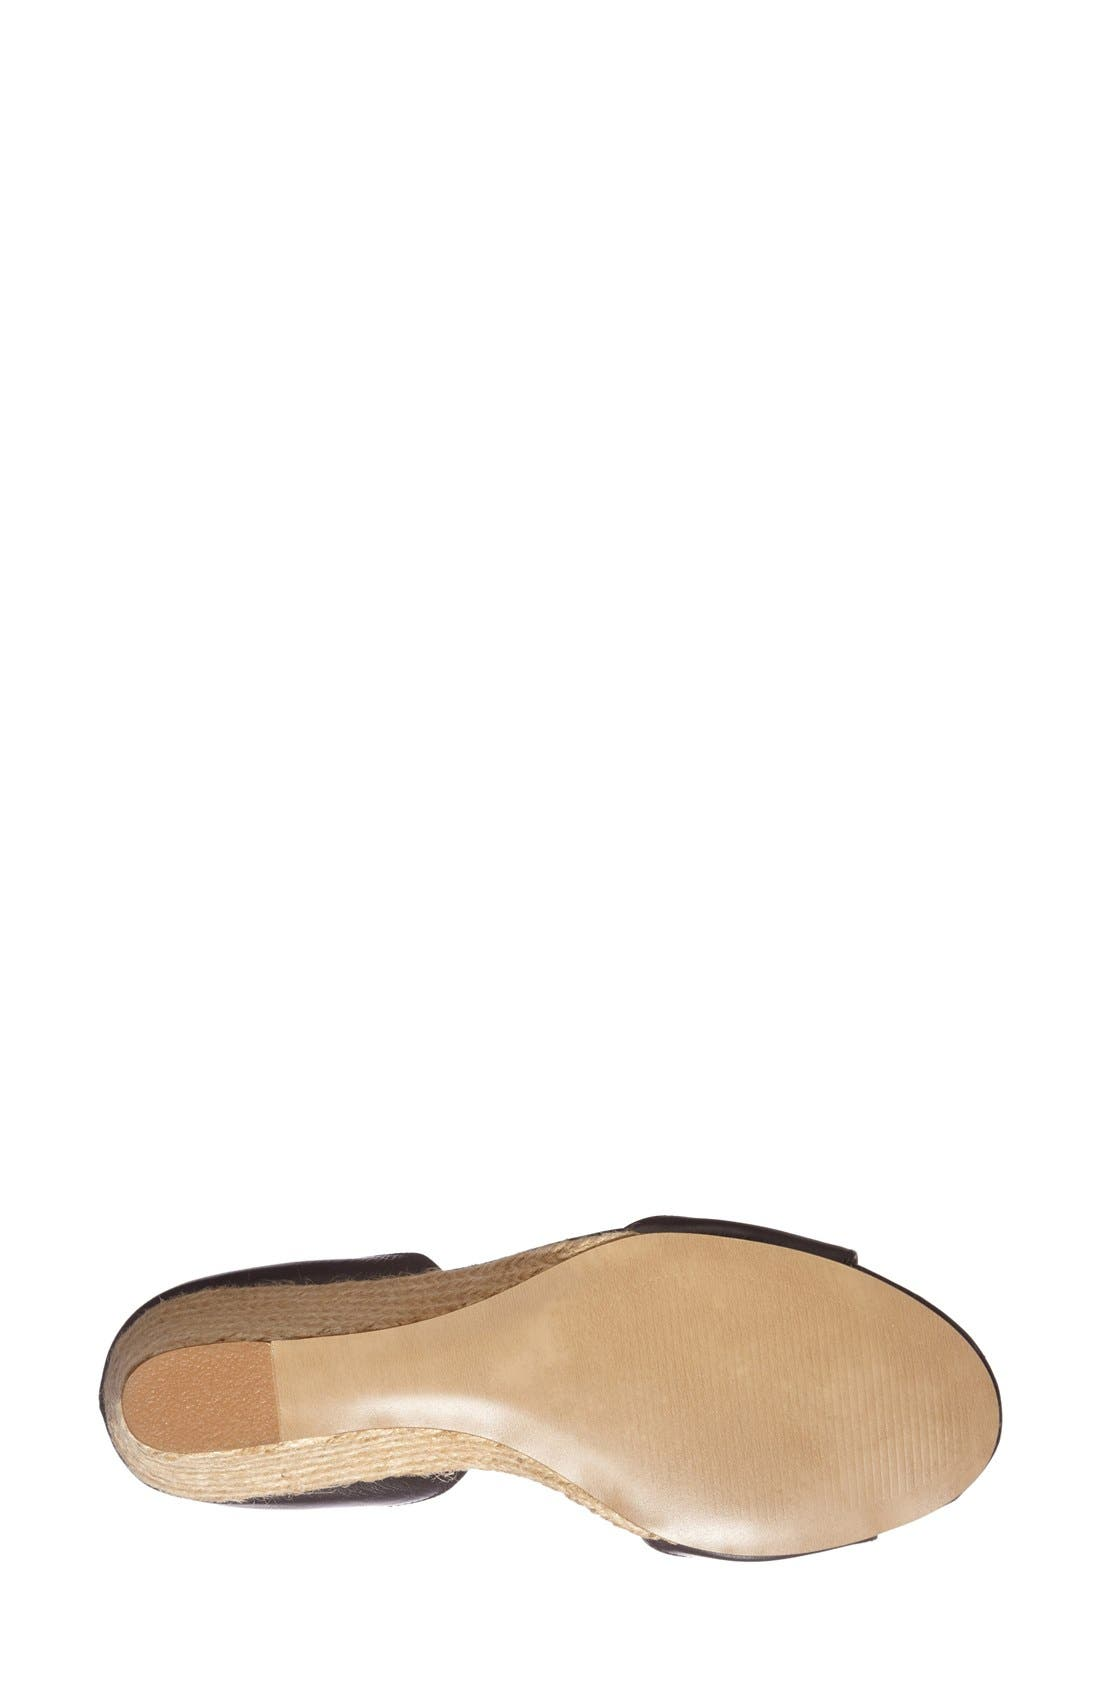 Alternate Image 2  - Steve Madden 'Picnicc' Espadrille Wedge Sandal (Women)